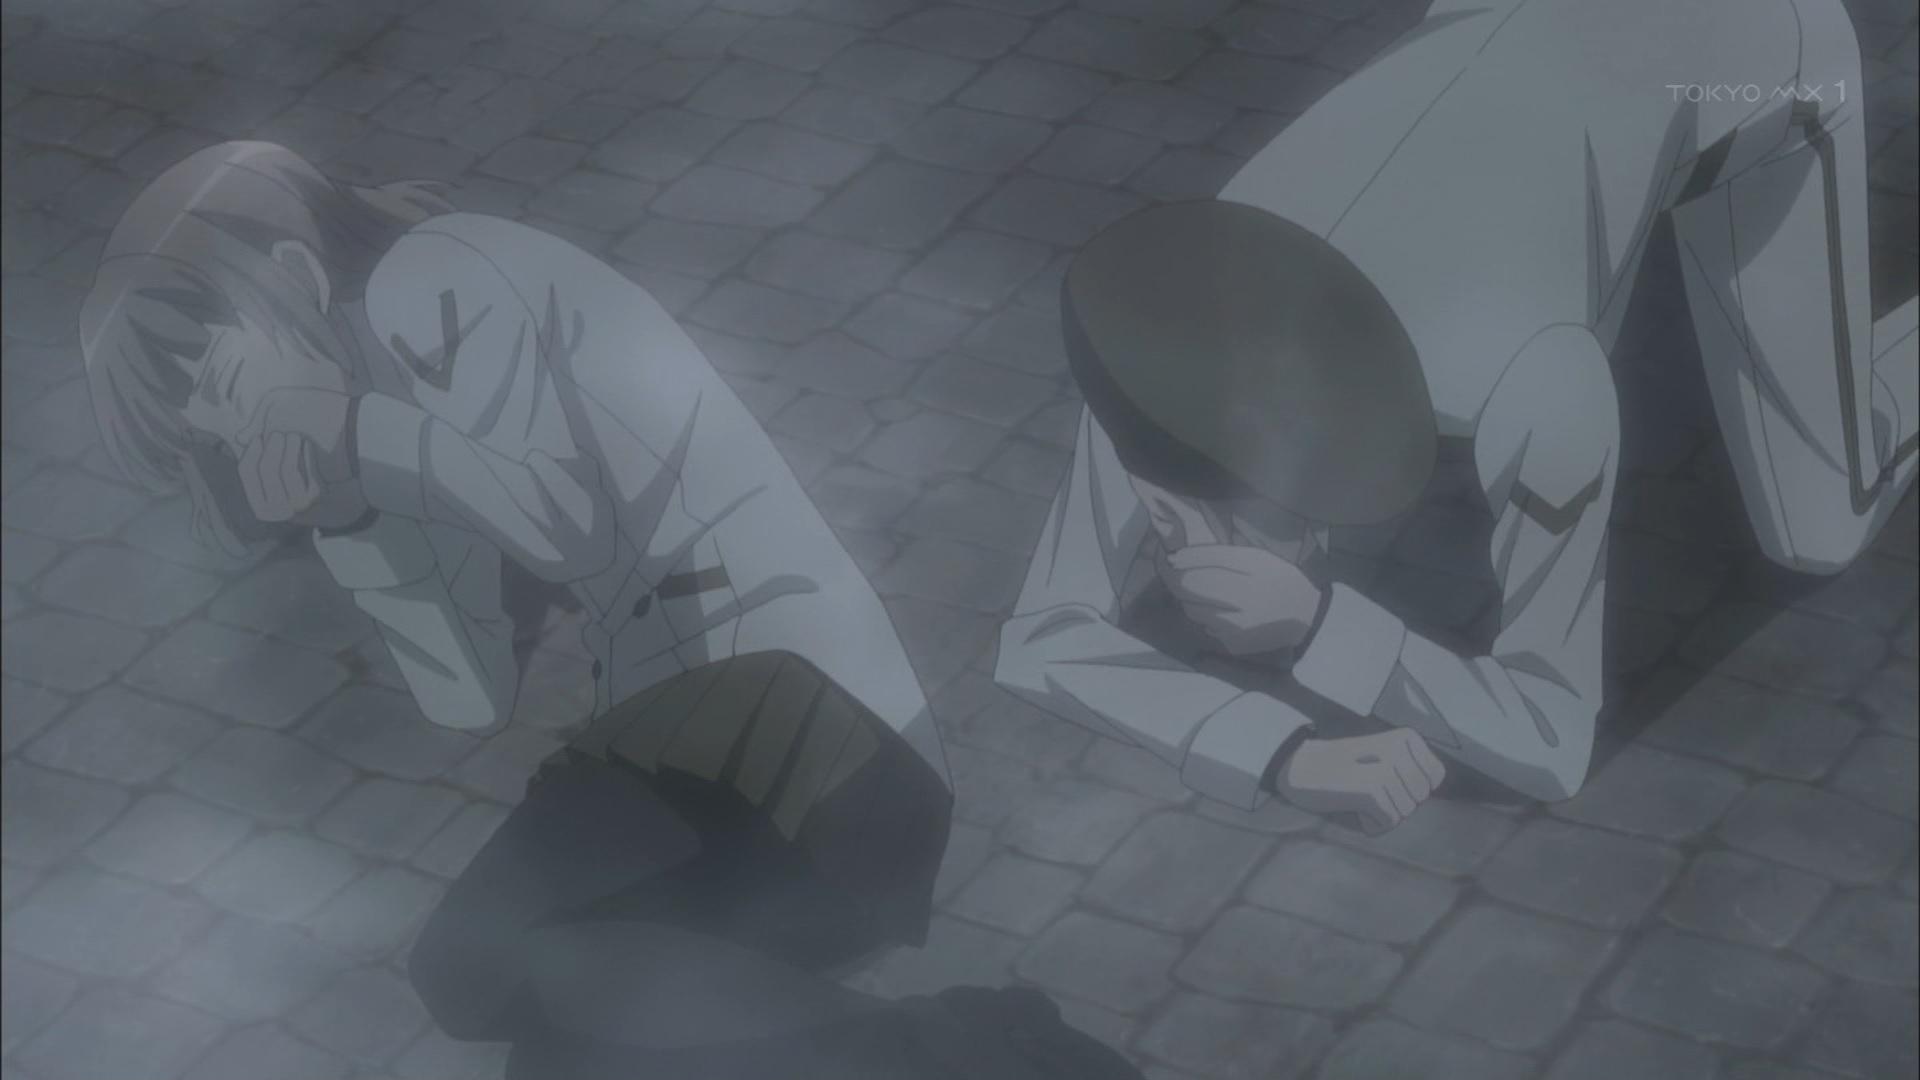 倒れるホムンクルス